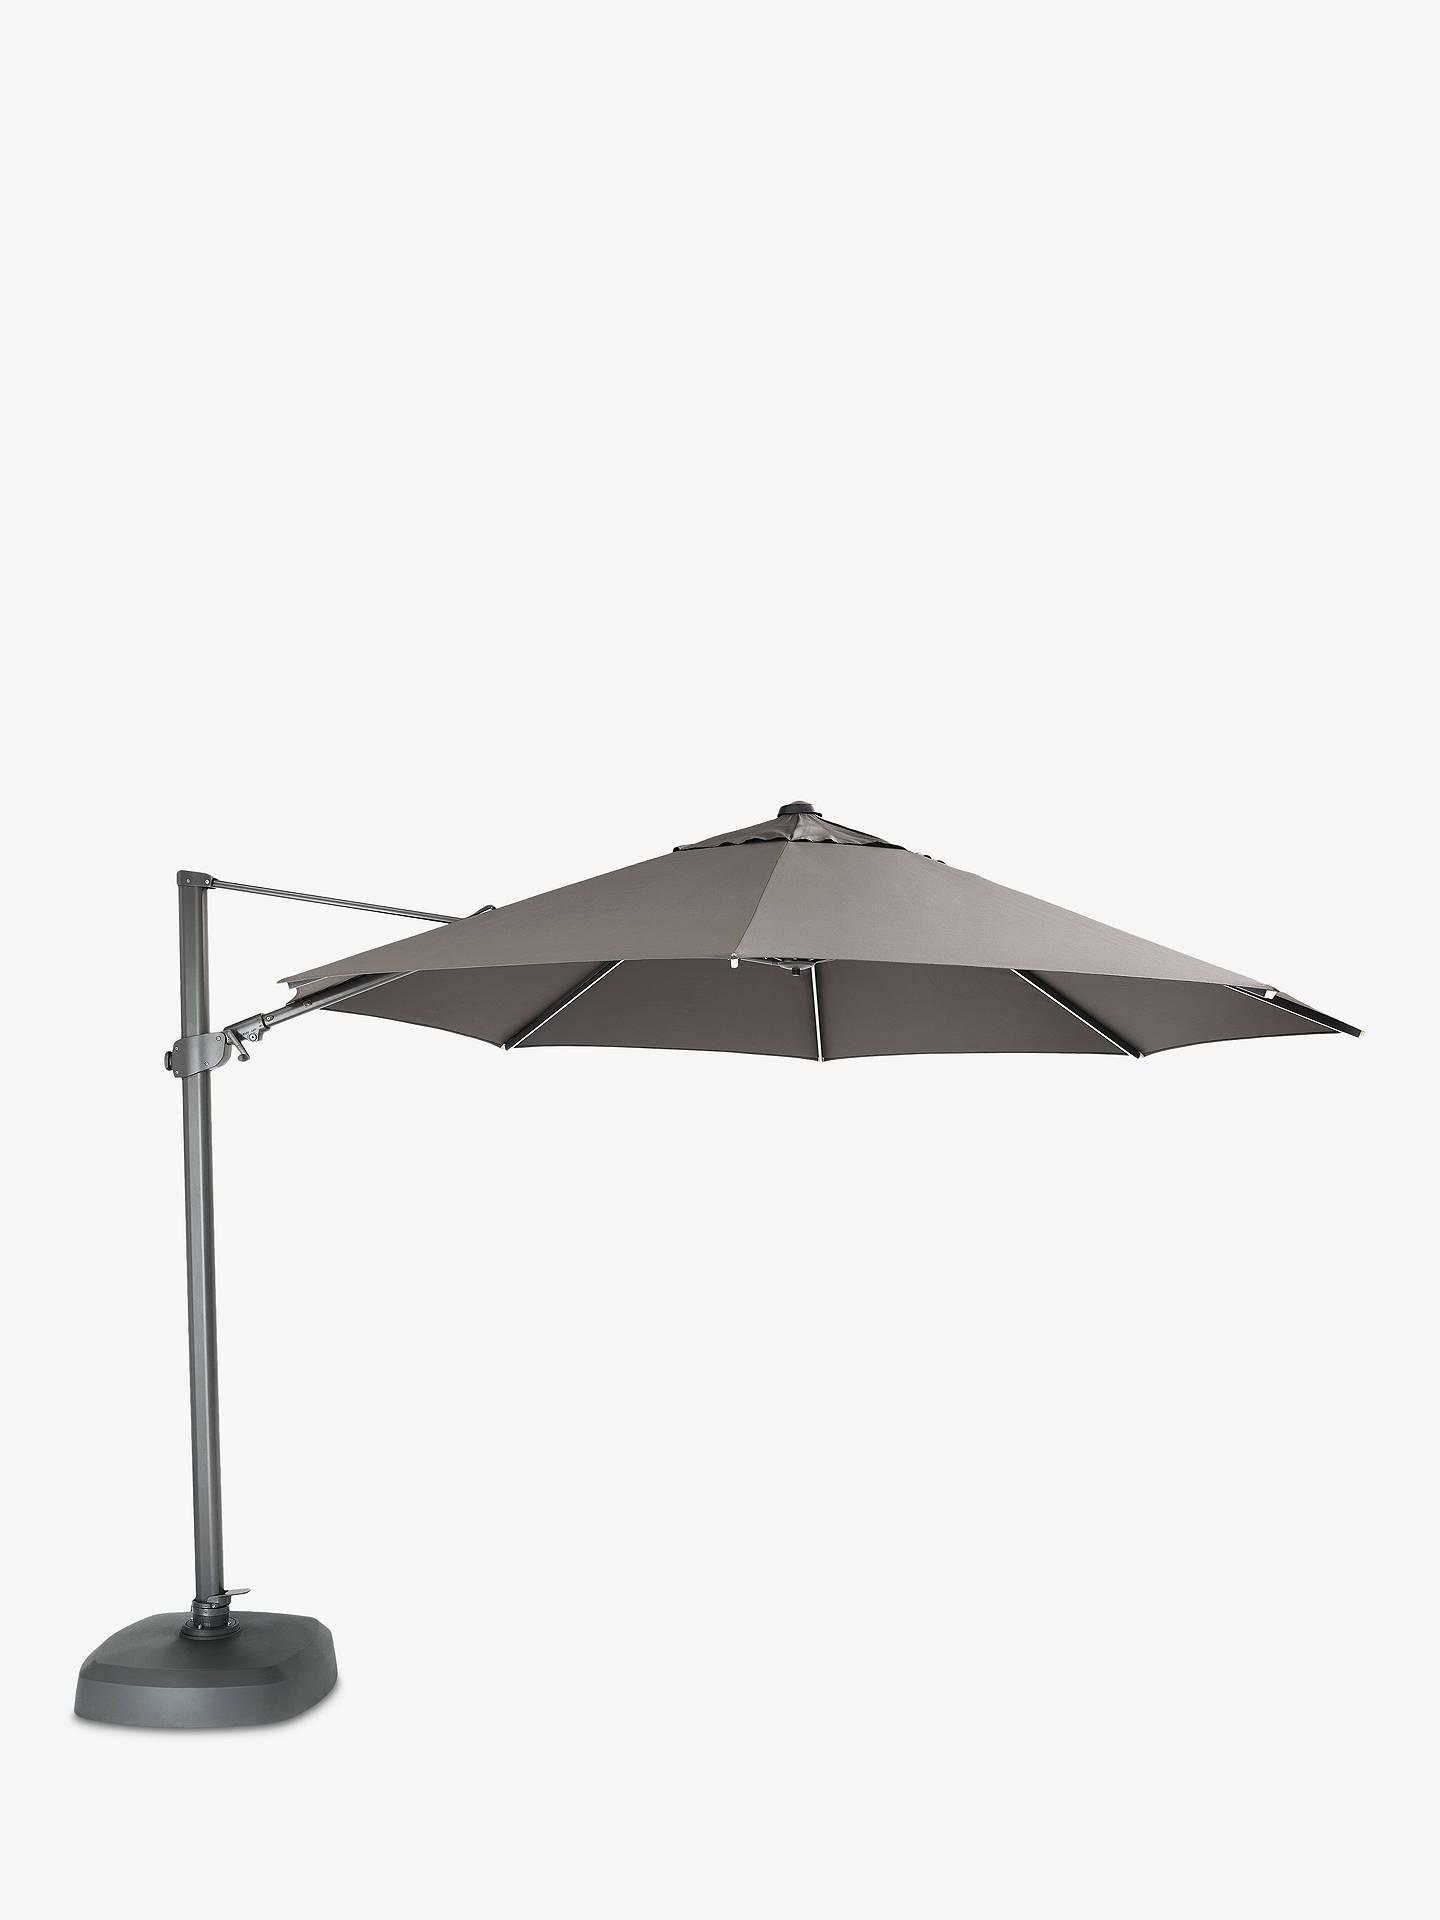 Kettler 3 5m Freestanding Arm Led Light Wireless Speaker Parasol